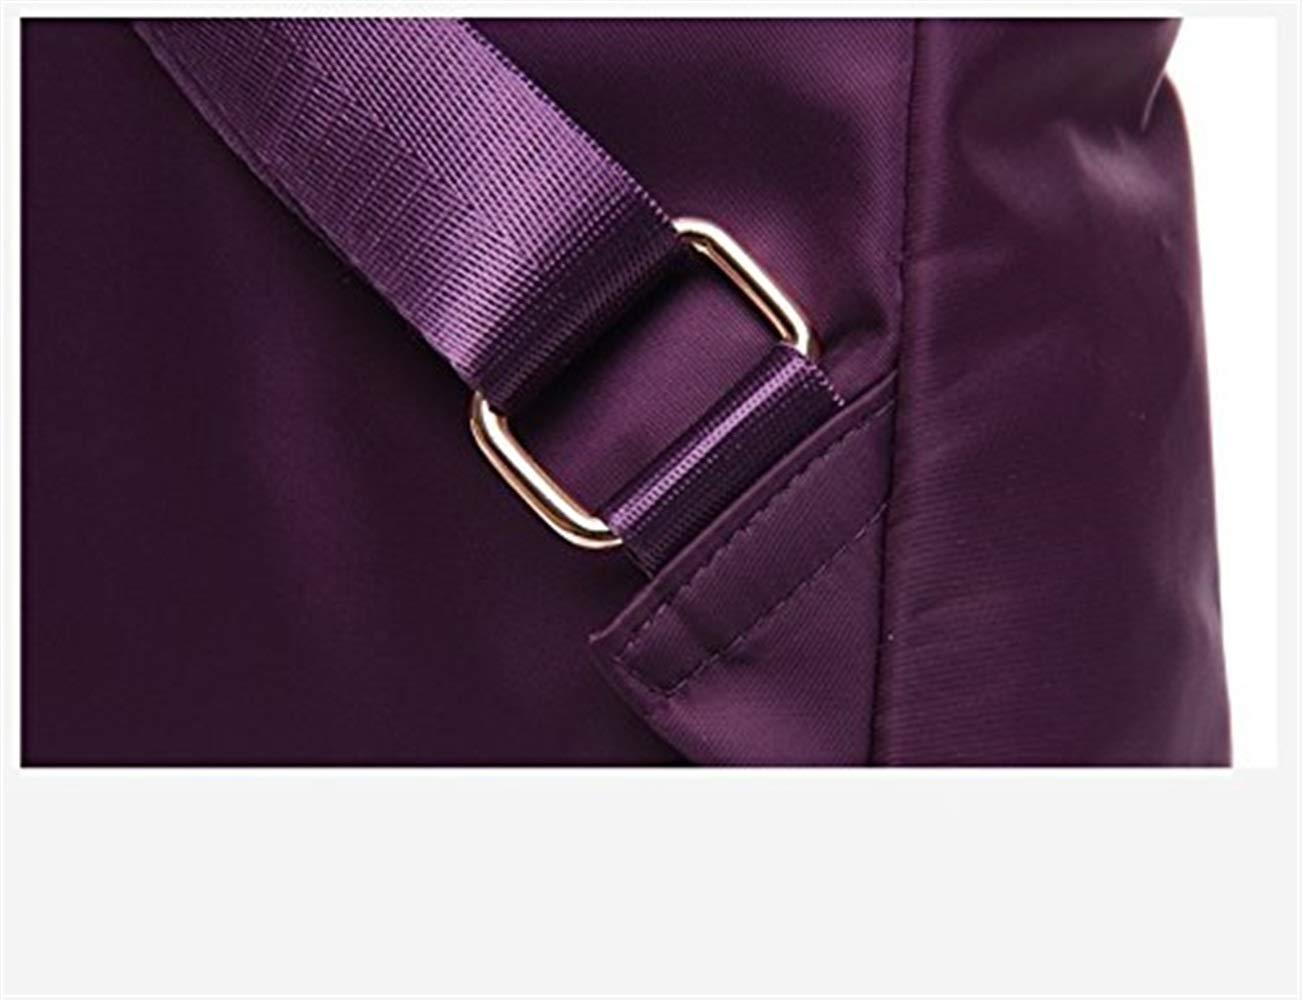 Willsego Frauen Wasserdichte Nylon Falten Rucksack Reißfeste Schulter Schulter Schulter Portable Mutter Tasche Leichte Multi-Farbe-Rucksack (Farbe   Rot, Größe   -) B07L9RH1N7 Rucksackhandtaschen Elegante Form 3b173c